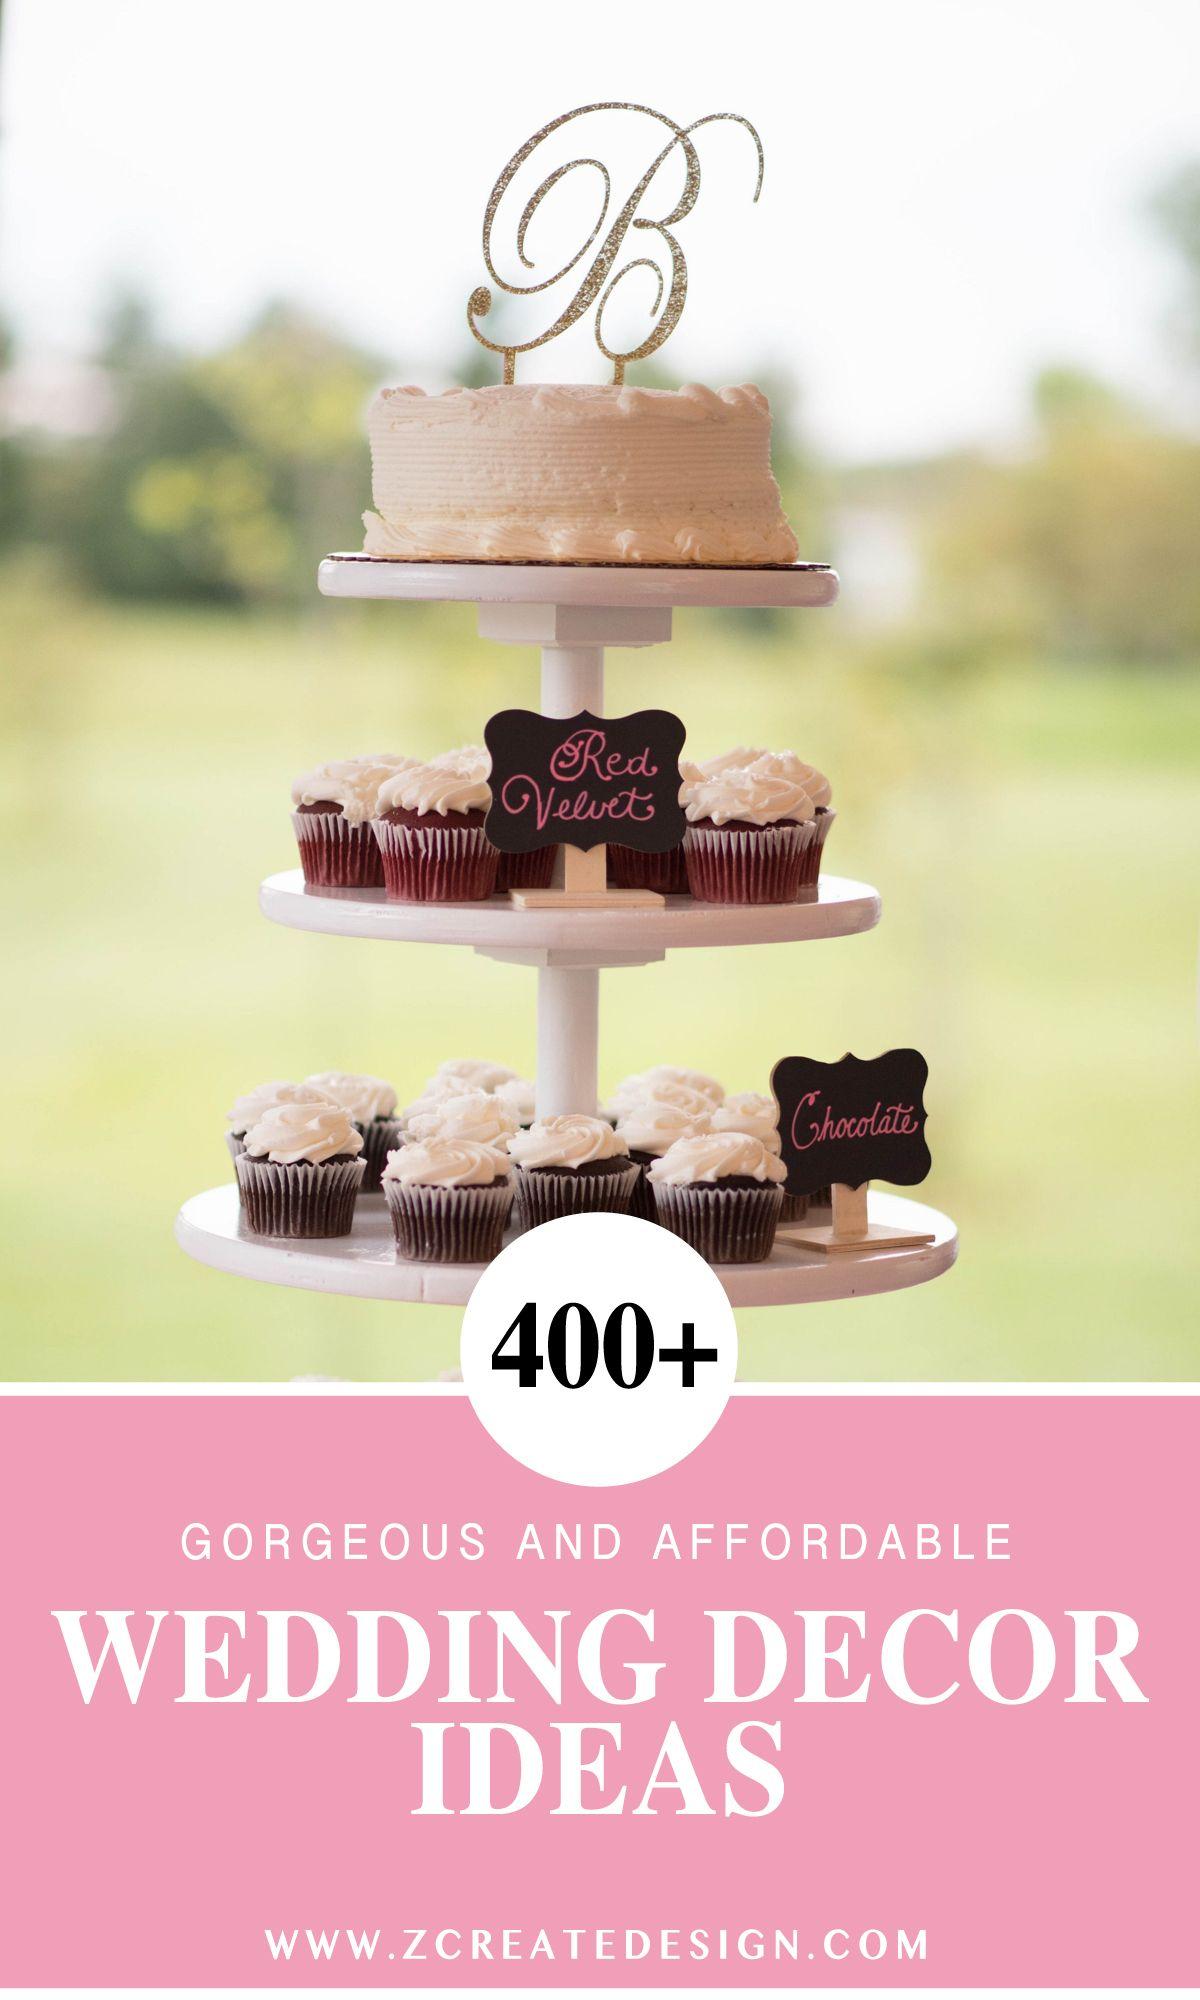 Custom Wedding Cake Topper Letter in Gold Glitter | Handmade Wedding ...